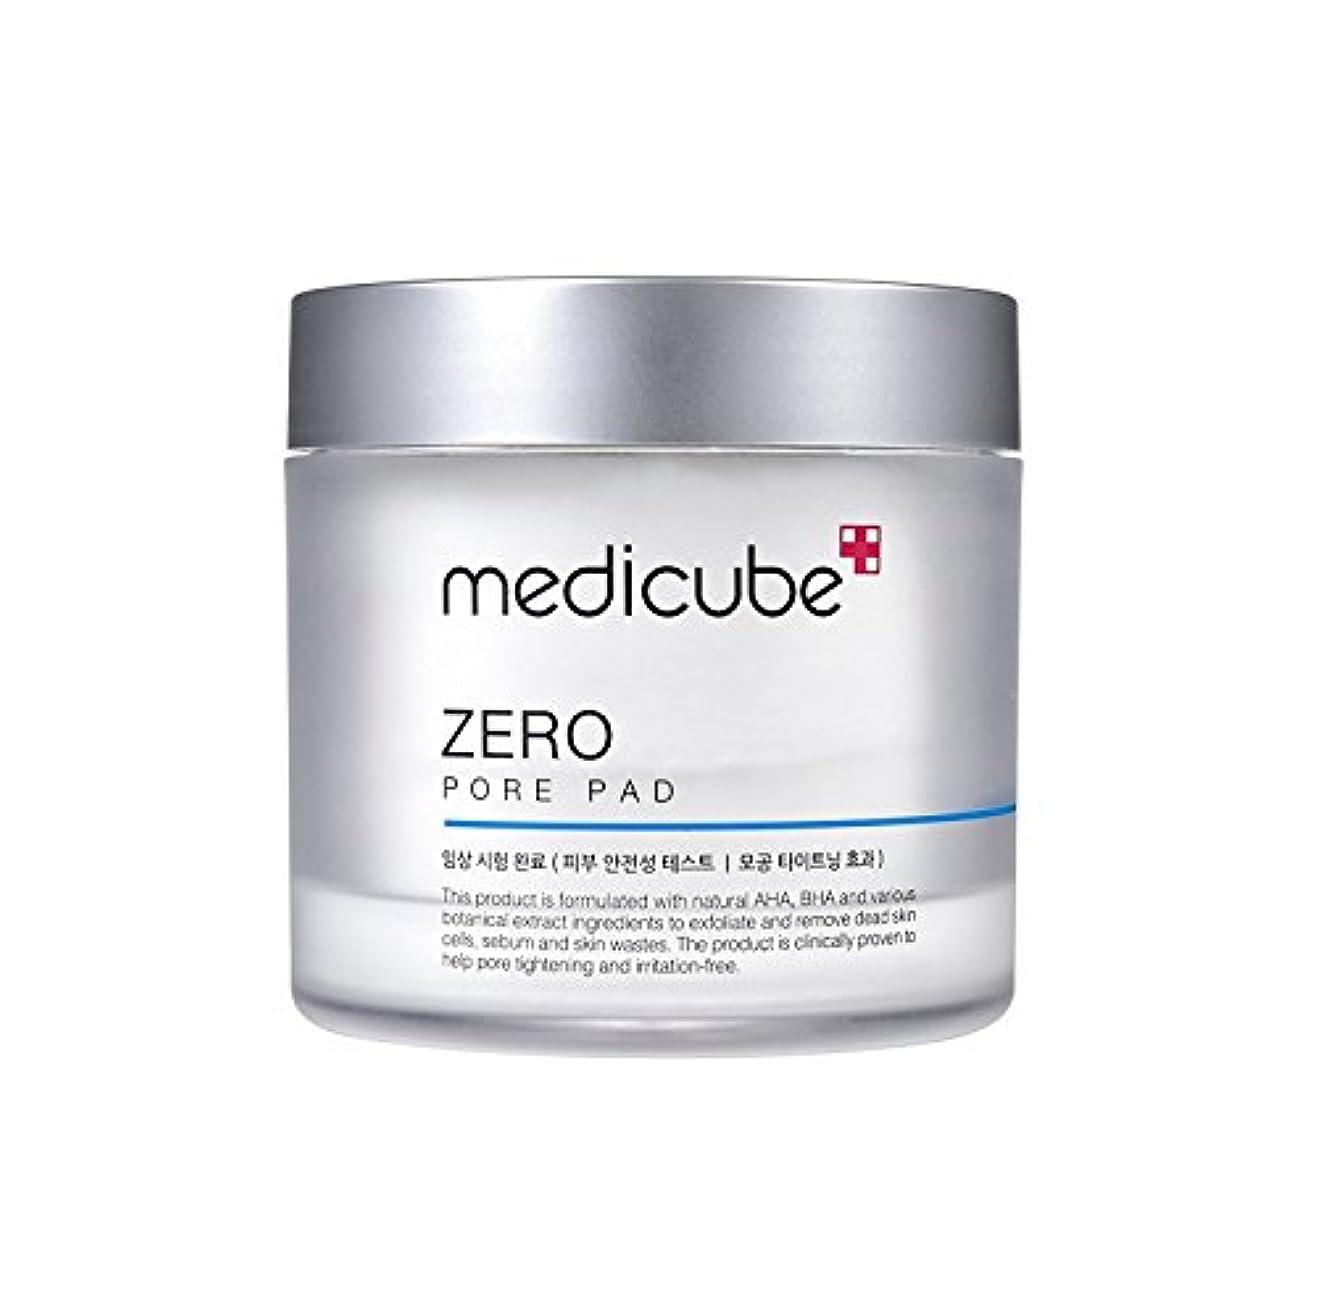 避けられないオーケストラ優先権[Medicube]Zero Pore Pad / ゼロ毛穴パッド / 正品?海外直送商品 [並行輸入品]